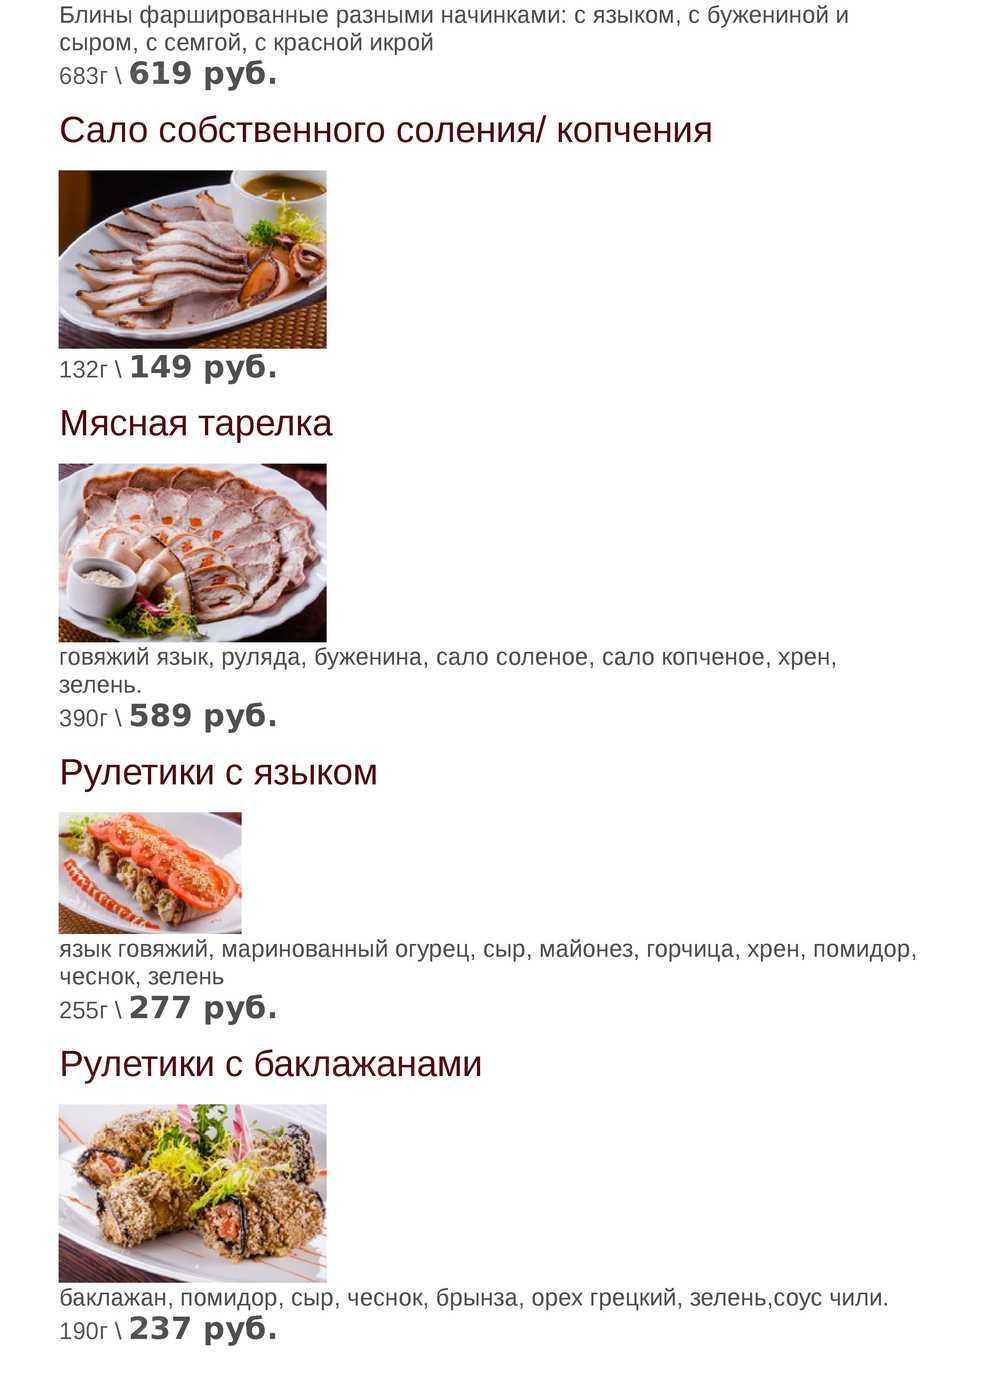 Меню кафе Ермак на проспекте имени газеты Красноярский Рабочий фото 4